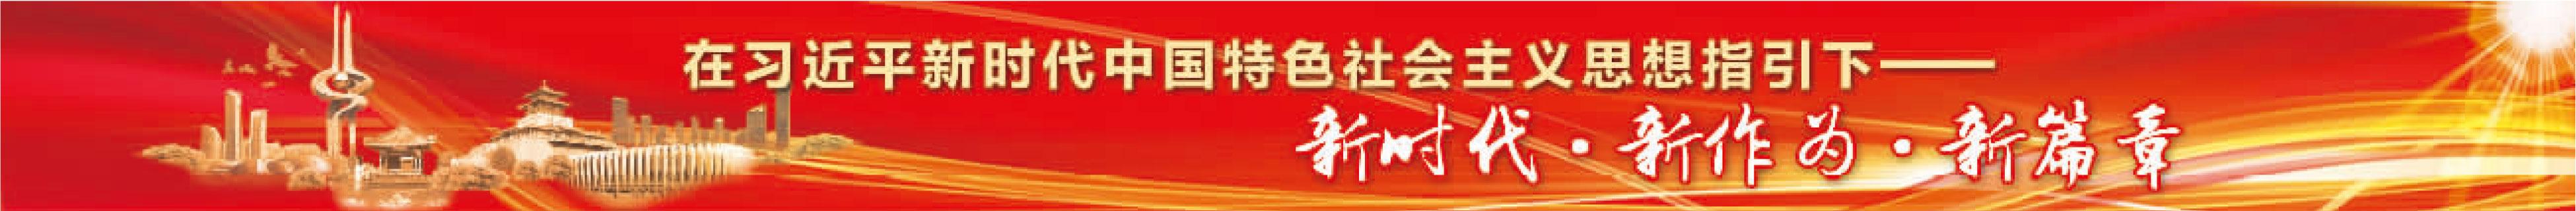 """济南市优化营商环境动员大会召开 深化""""一次办成""""改革 打造与省会地位相匹配的良好营商环境"""